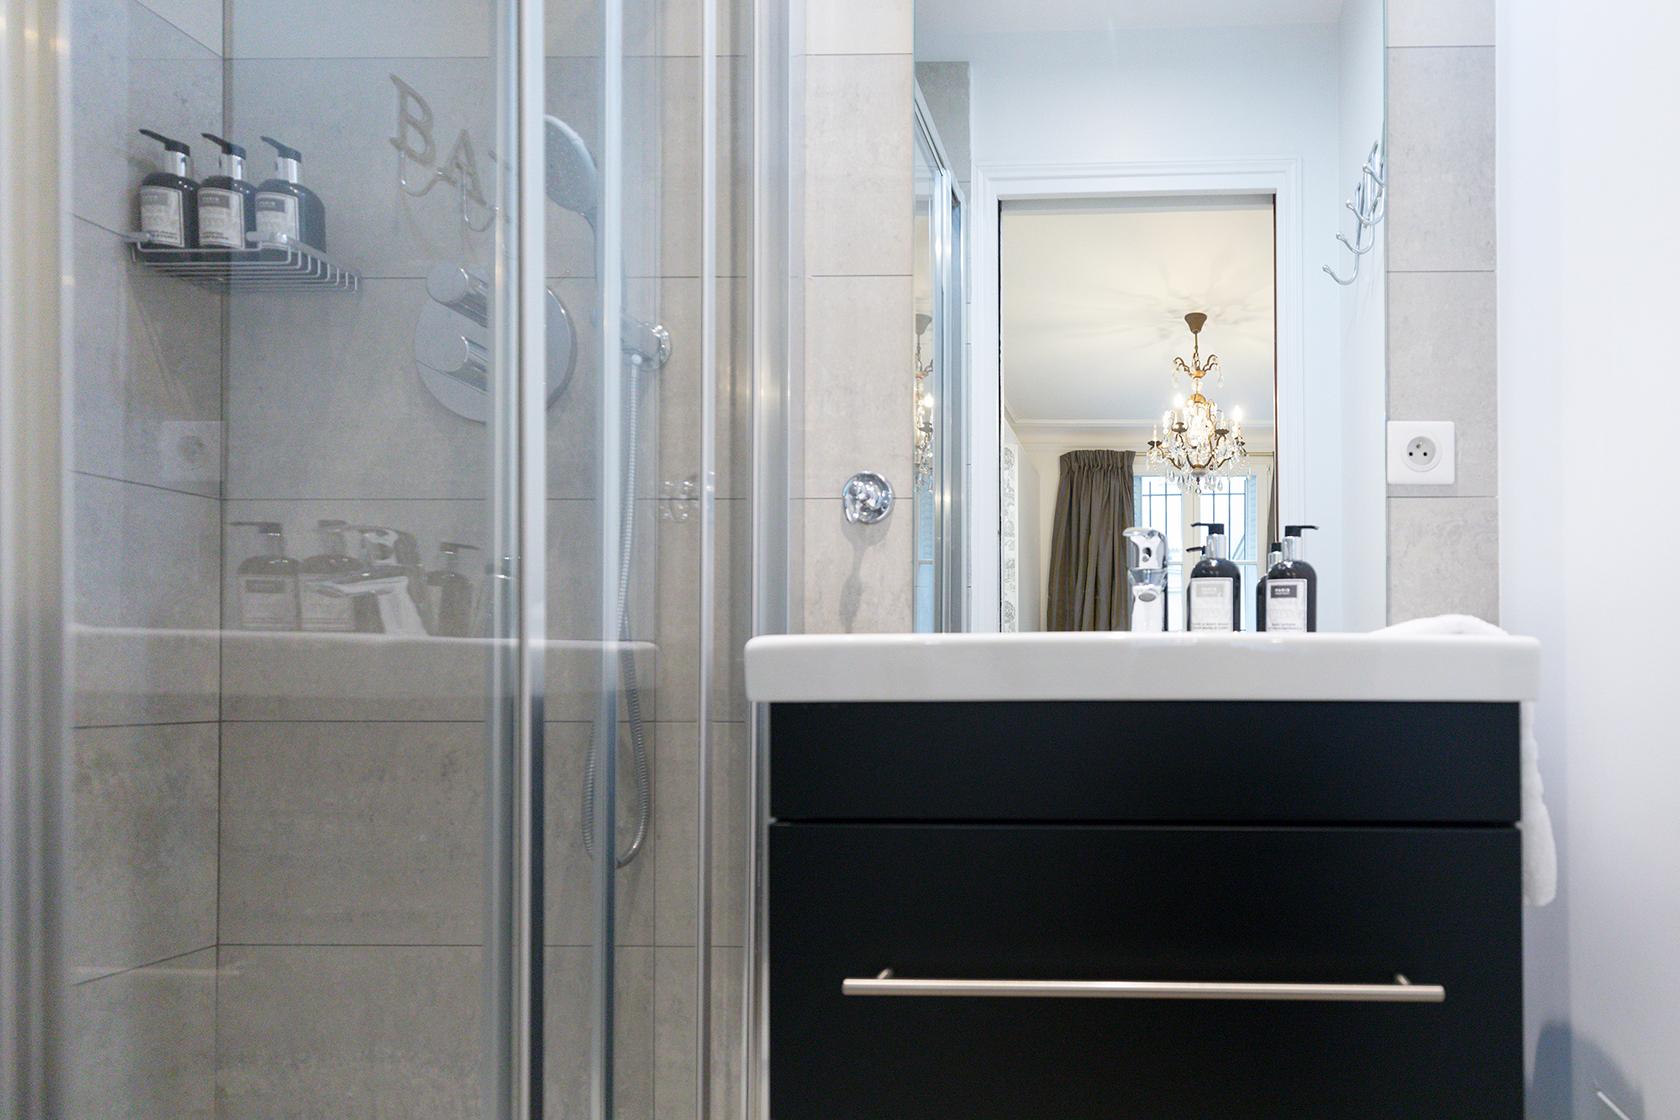 Beaujolais second bathroom after